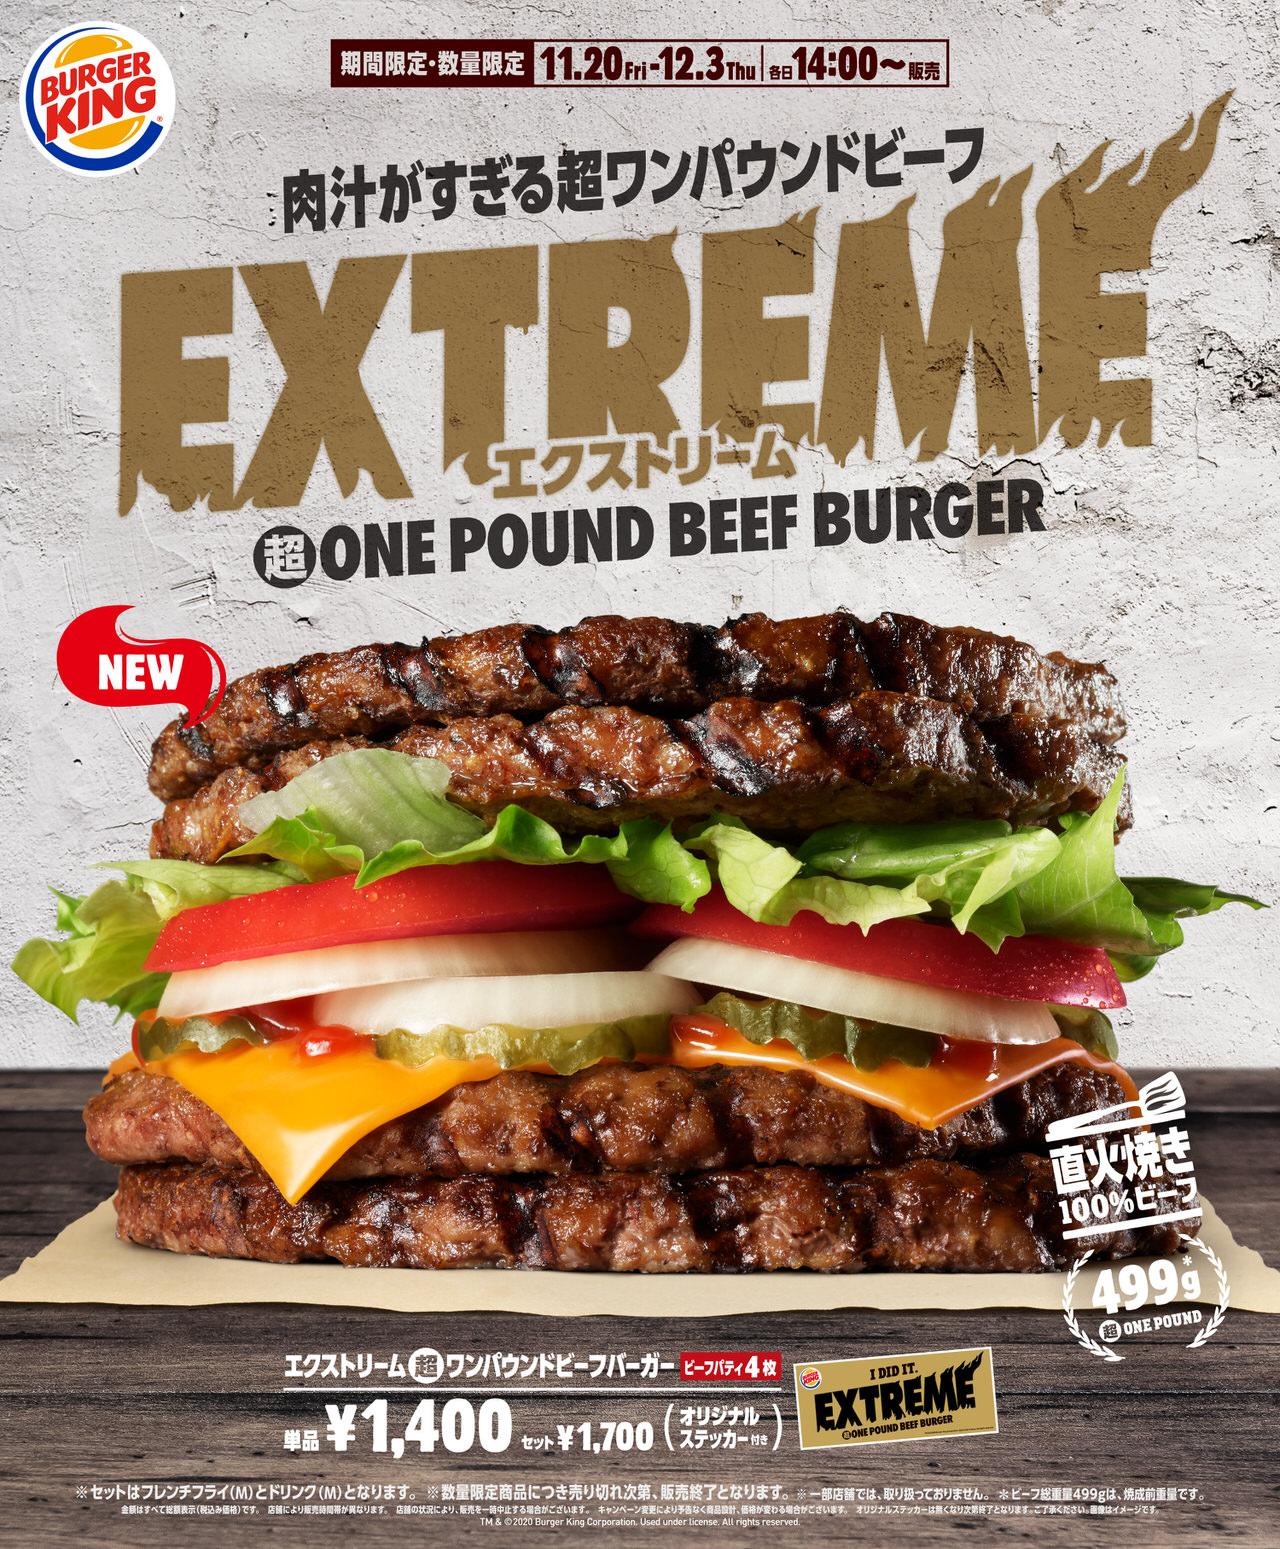 Burger king extreme 202011 1